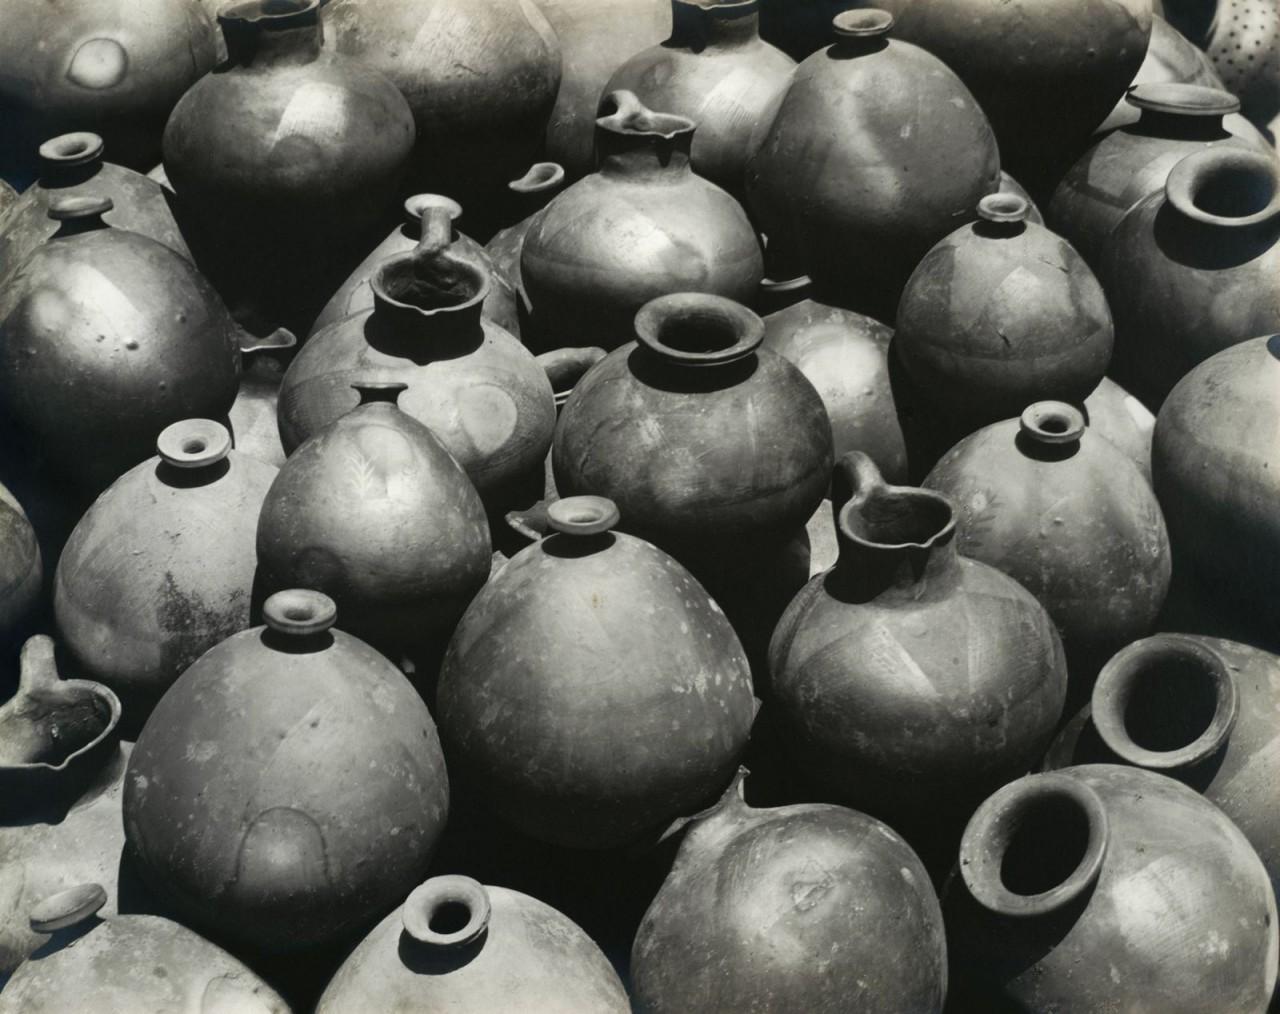 Горшки Оахака, Мексика, 1926. Фотограф Эдвард Уэстон